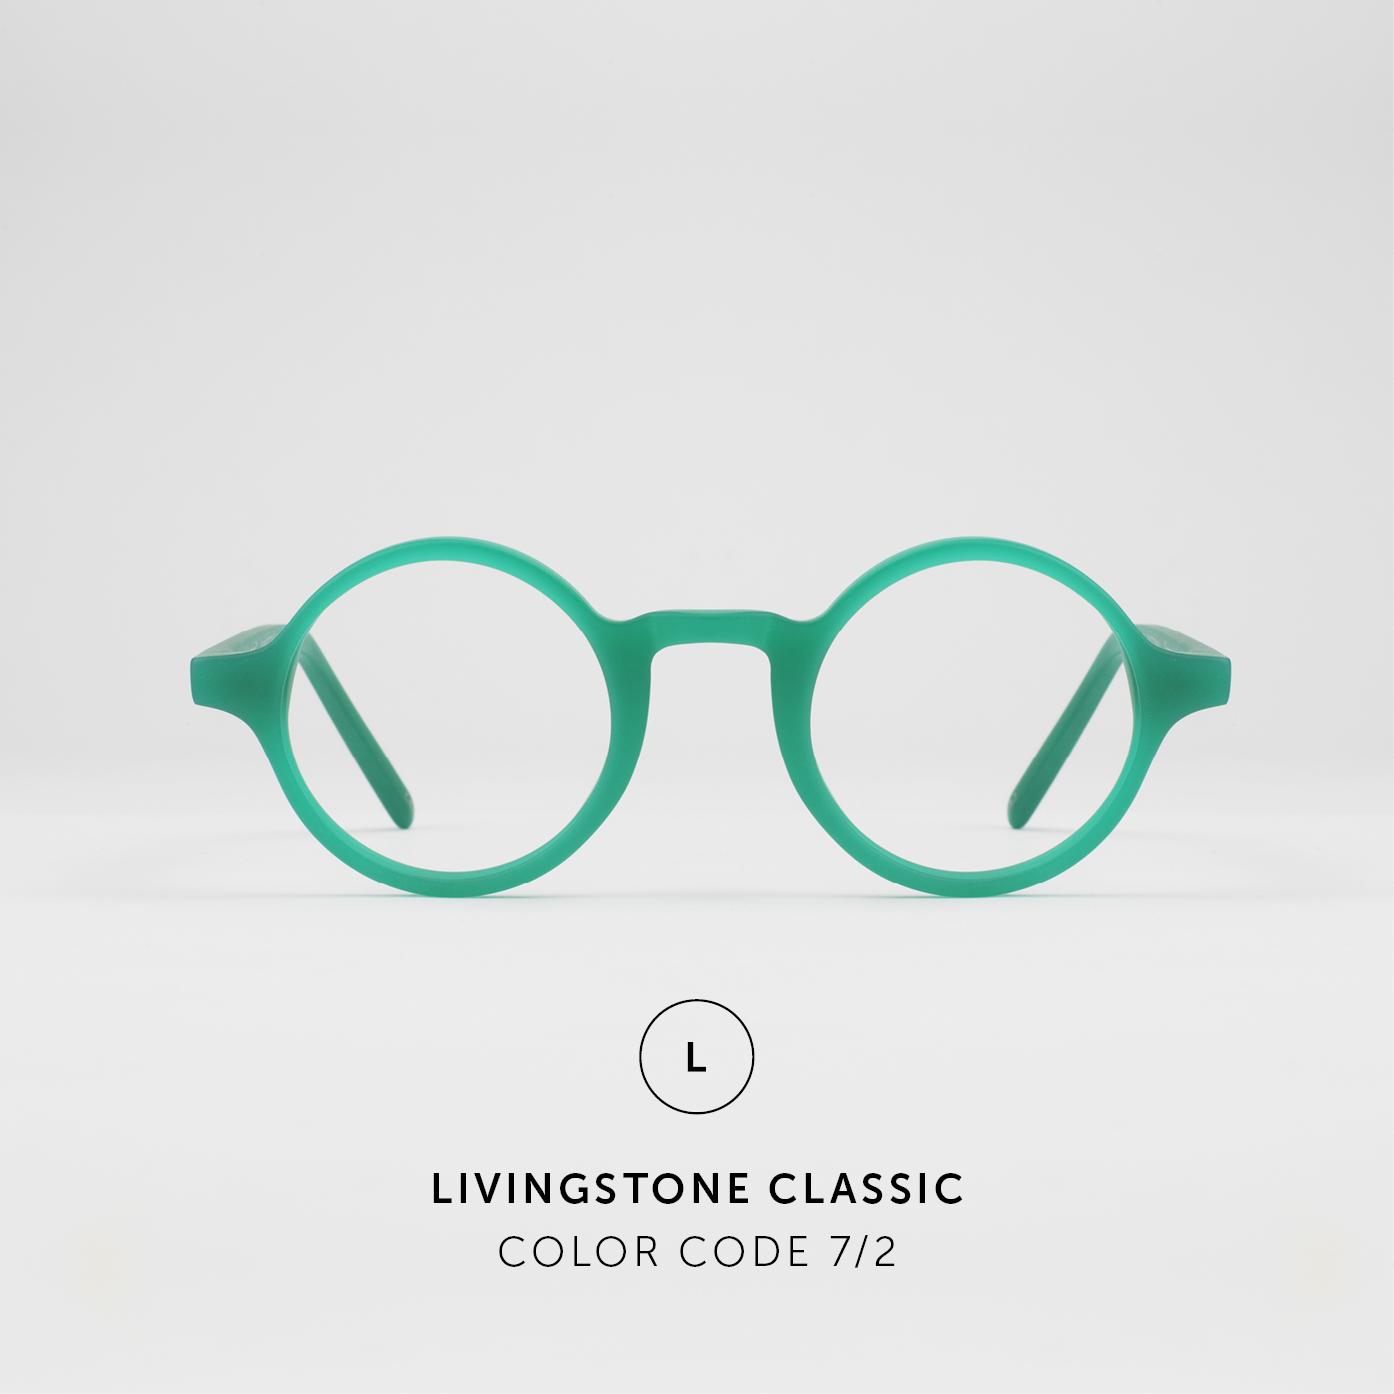 LivingstoneClassic37.jpg